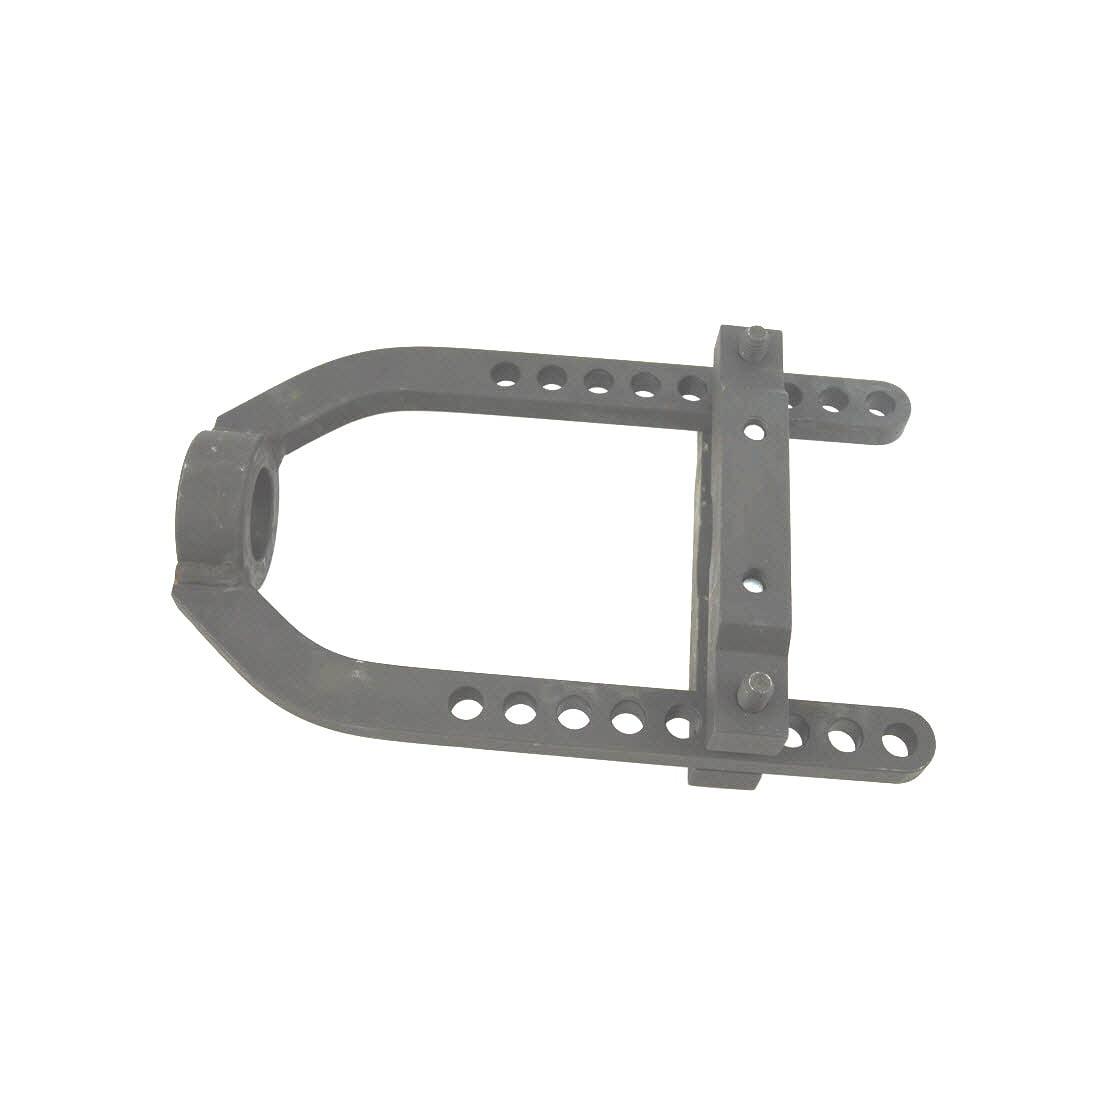 Cv joint puller for sale ryansautomotiveie for Cv tool